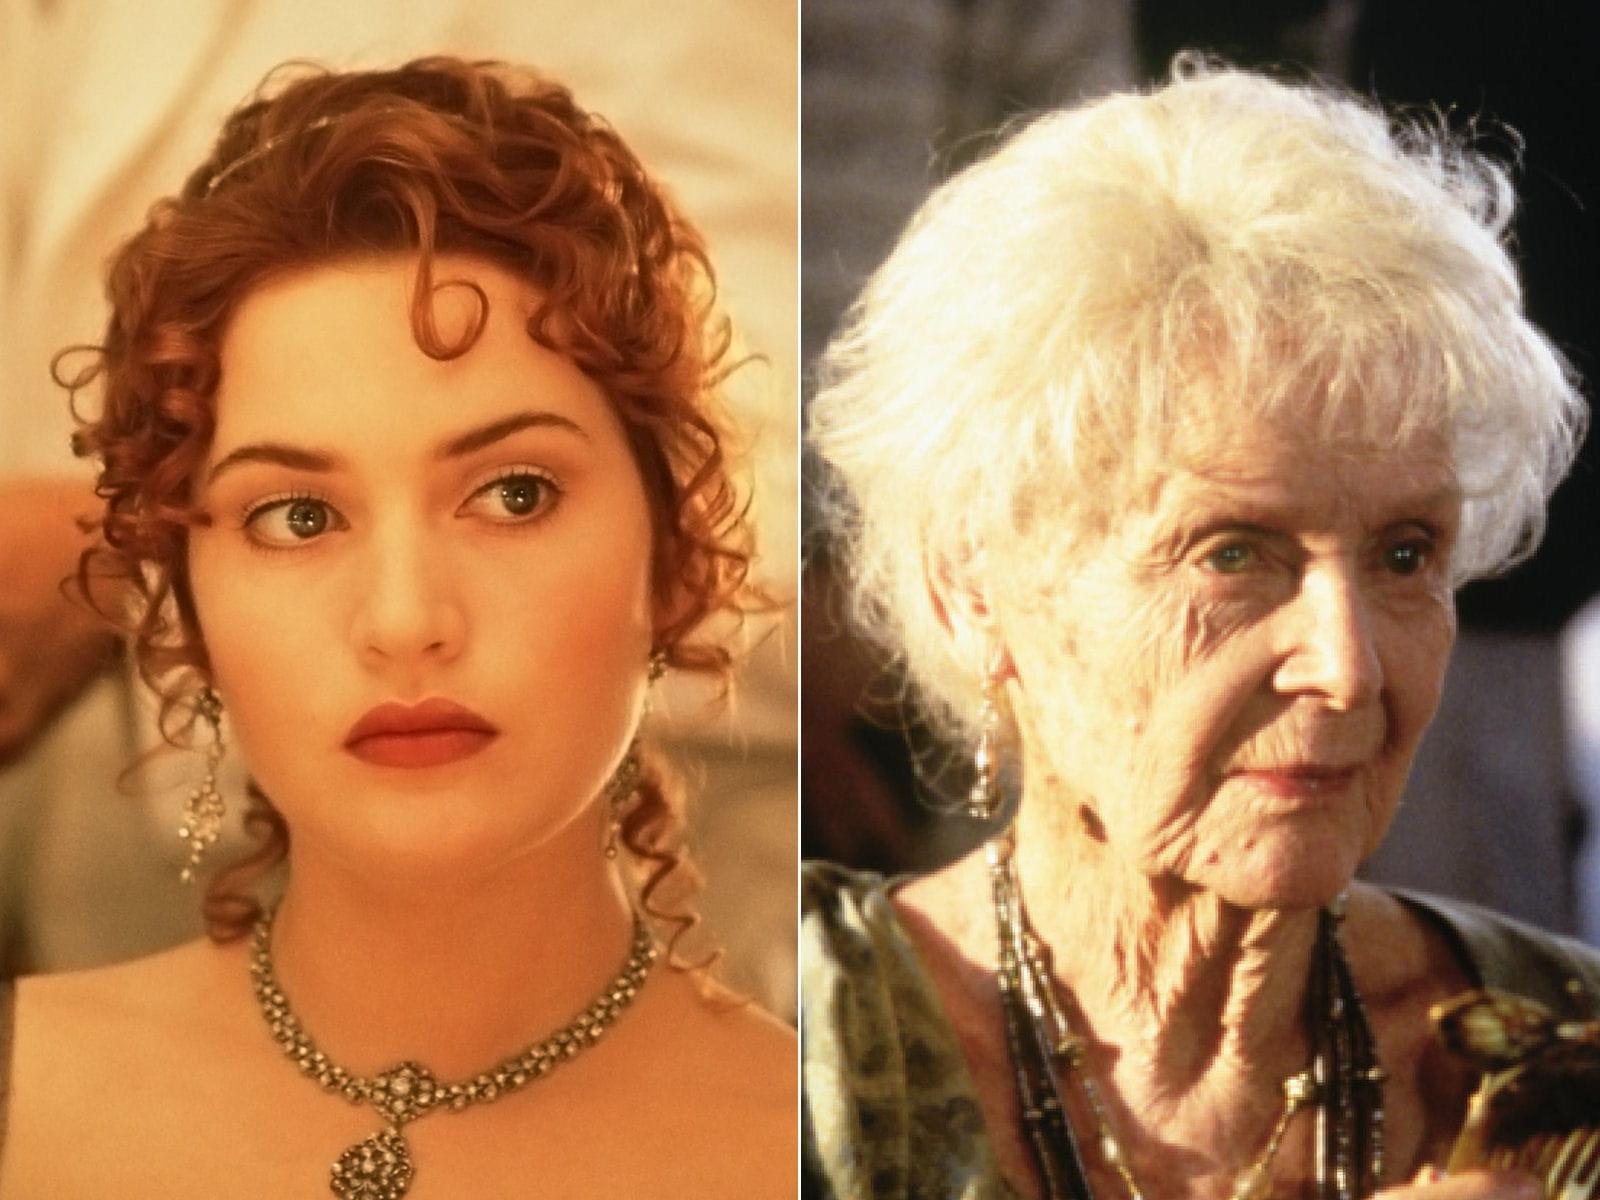 http://www.linternaute.com/cinema/film/deux-acteurs-pour-un-meme-role/image/titanic-cinema-films-2179366.jpg